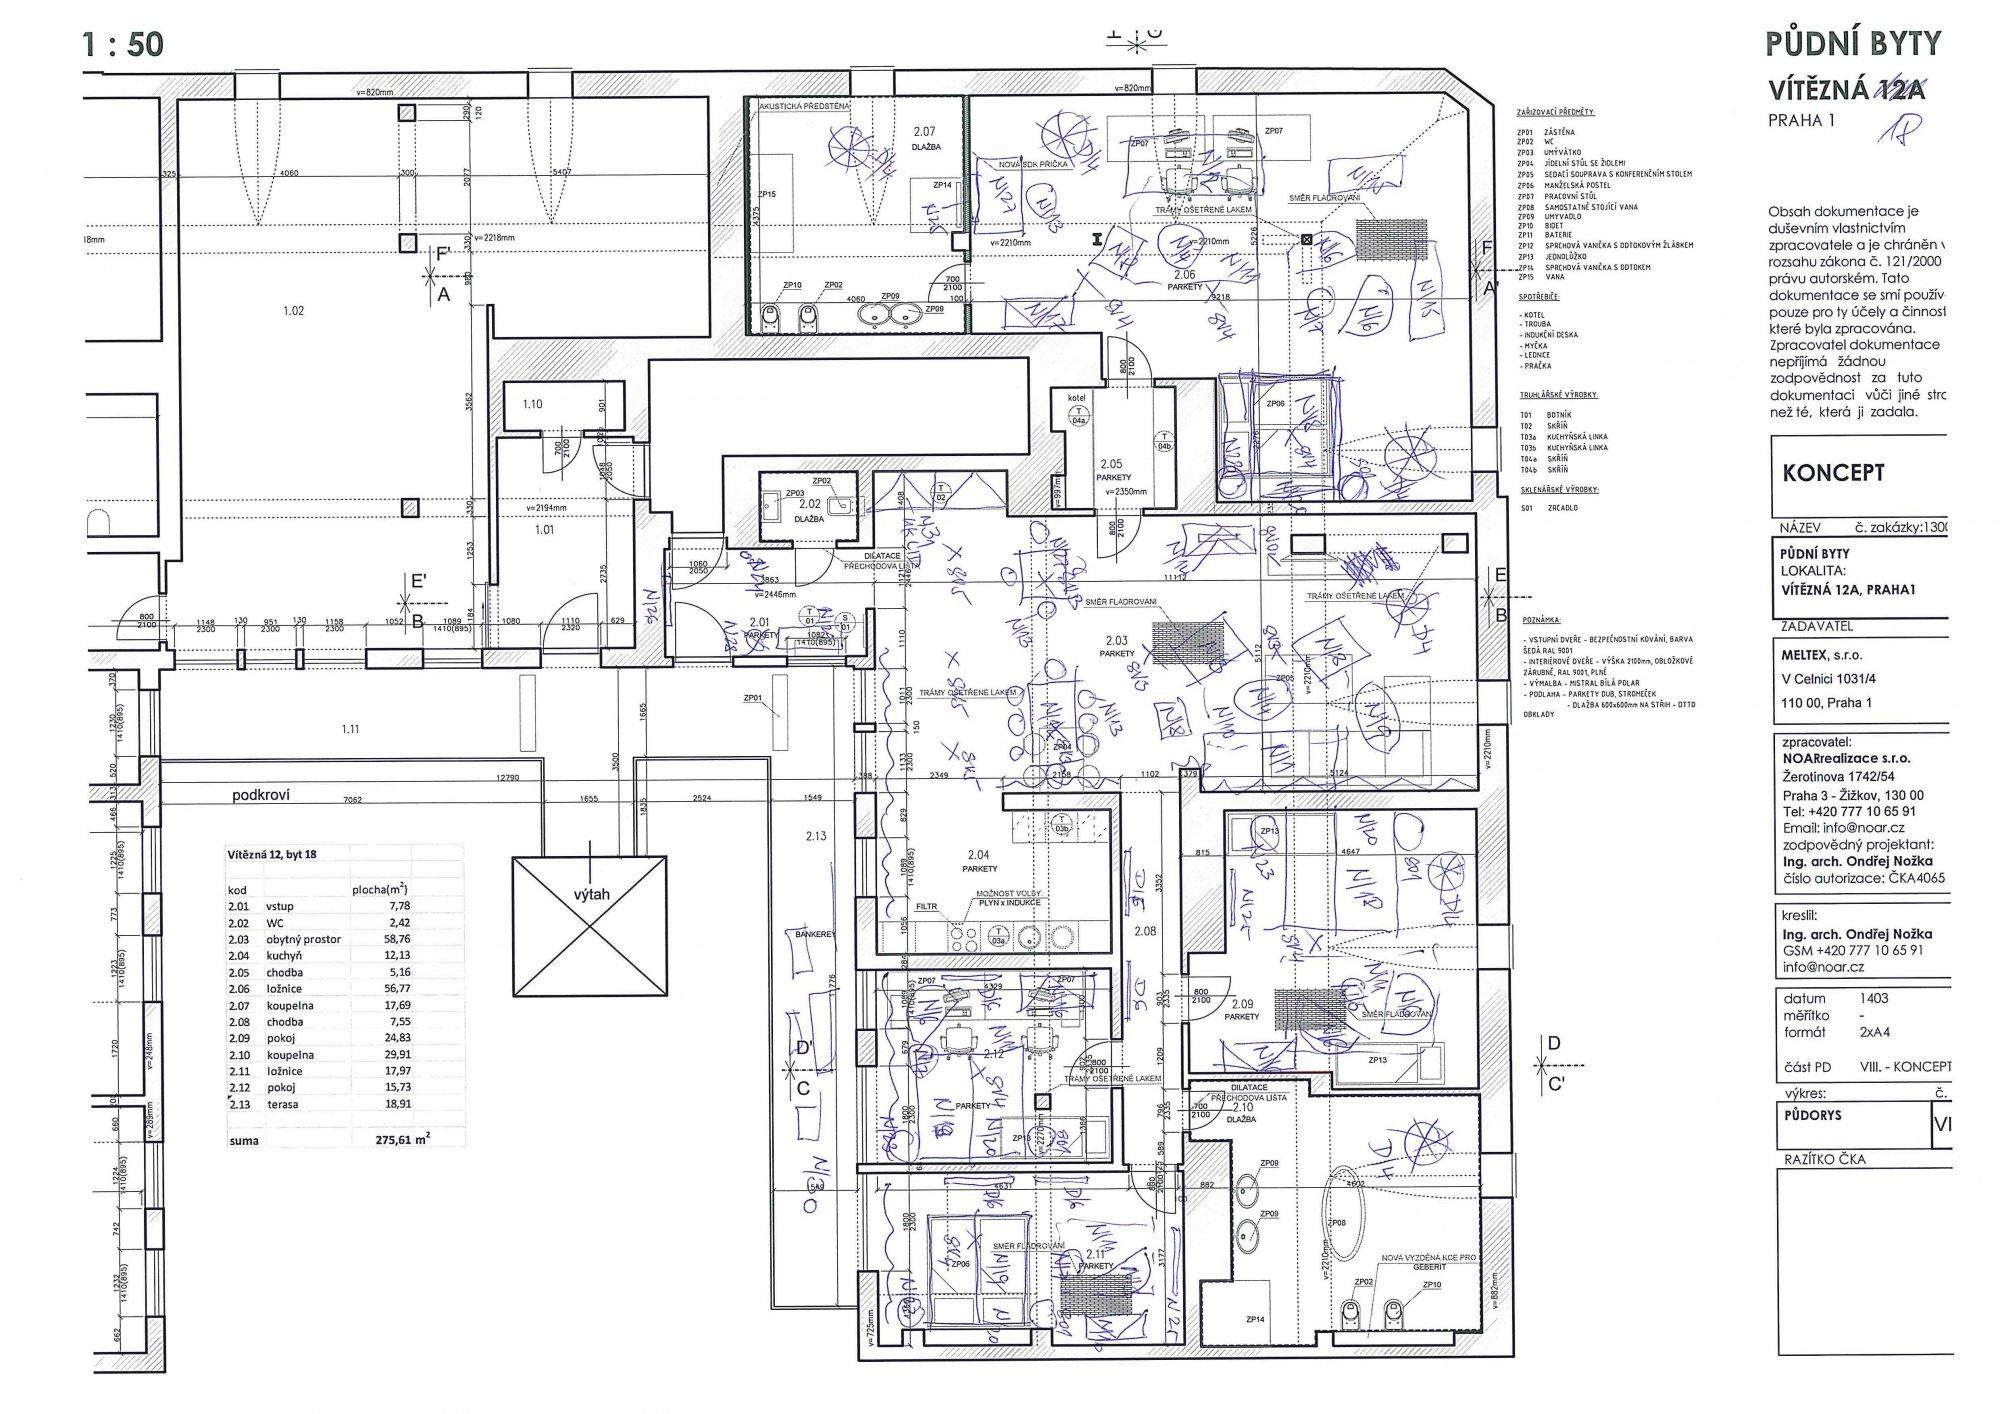 Půdorys - Půdní byt 5+kk, plocha 281 m², ulice Vítězná, Praha 1 - Malá Strana